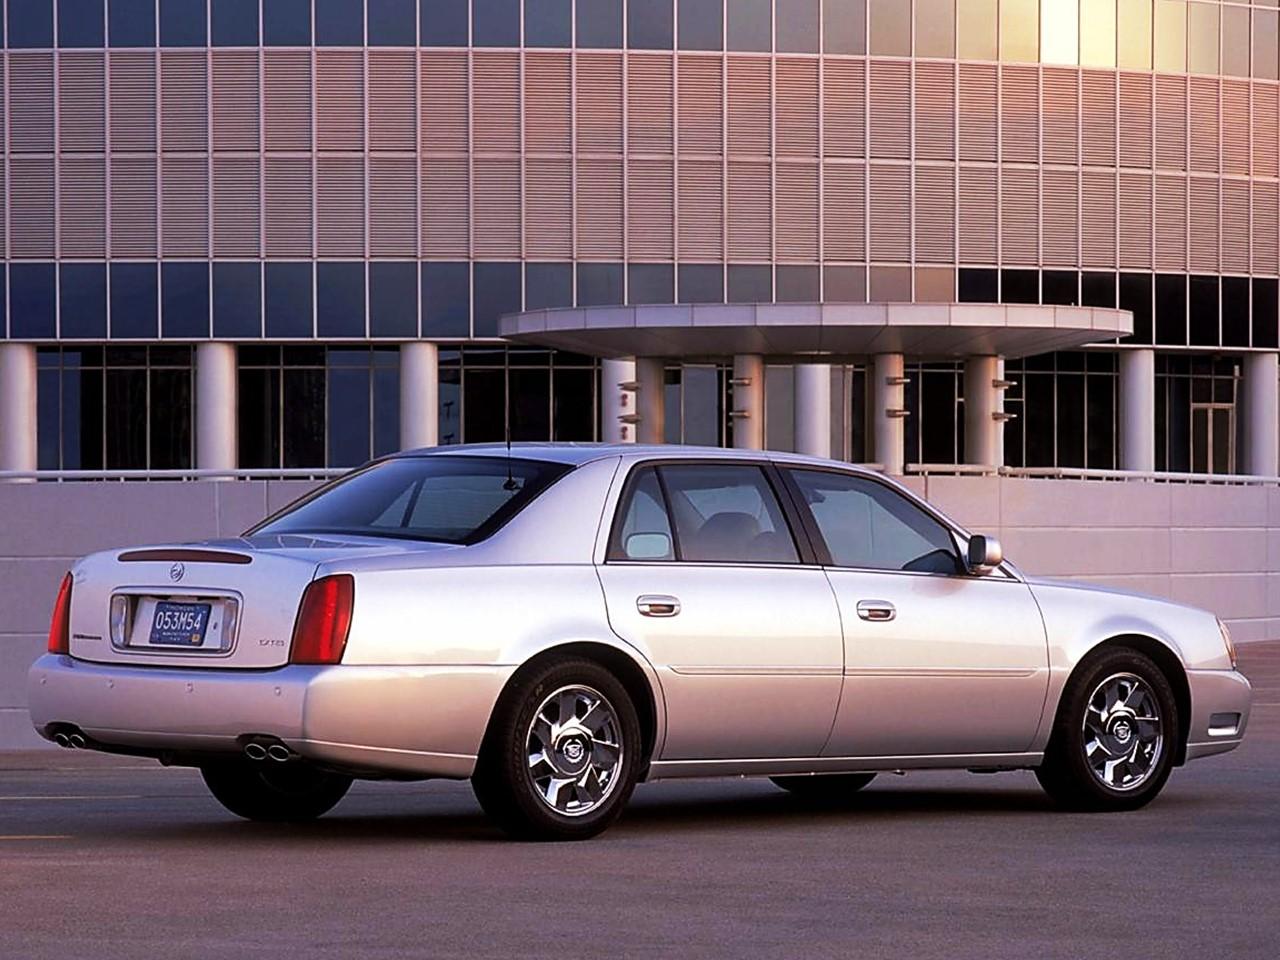 2002 Cadillac DTS 4